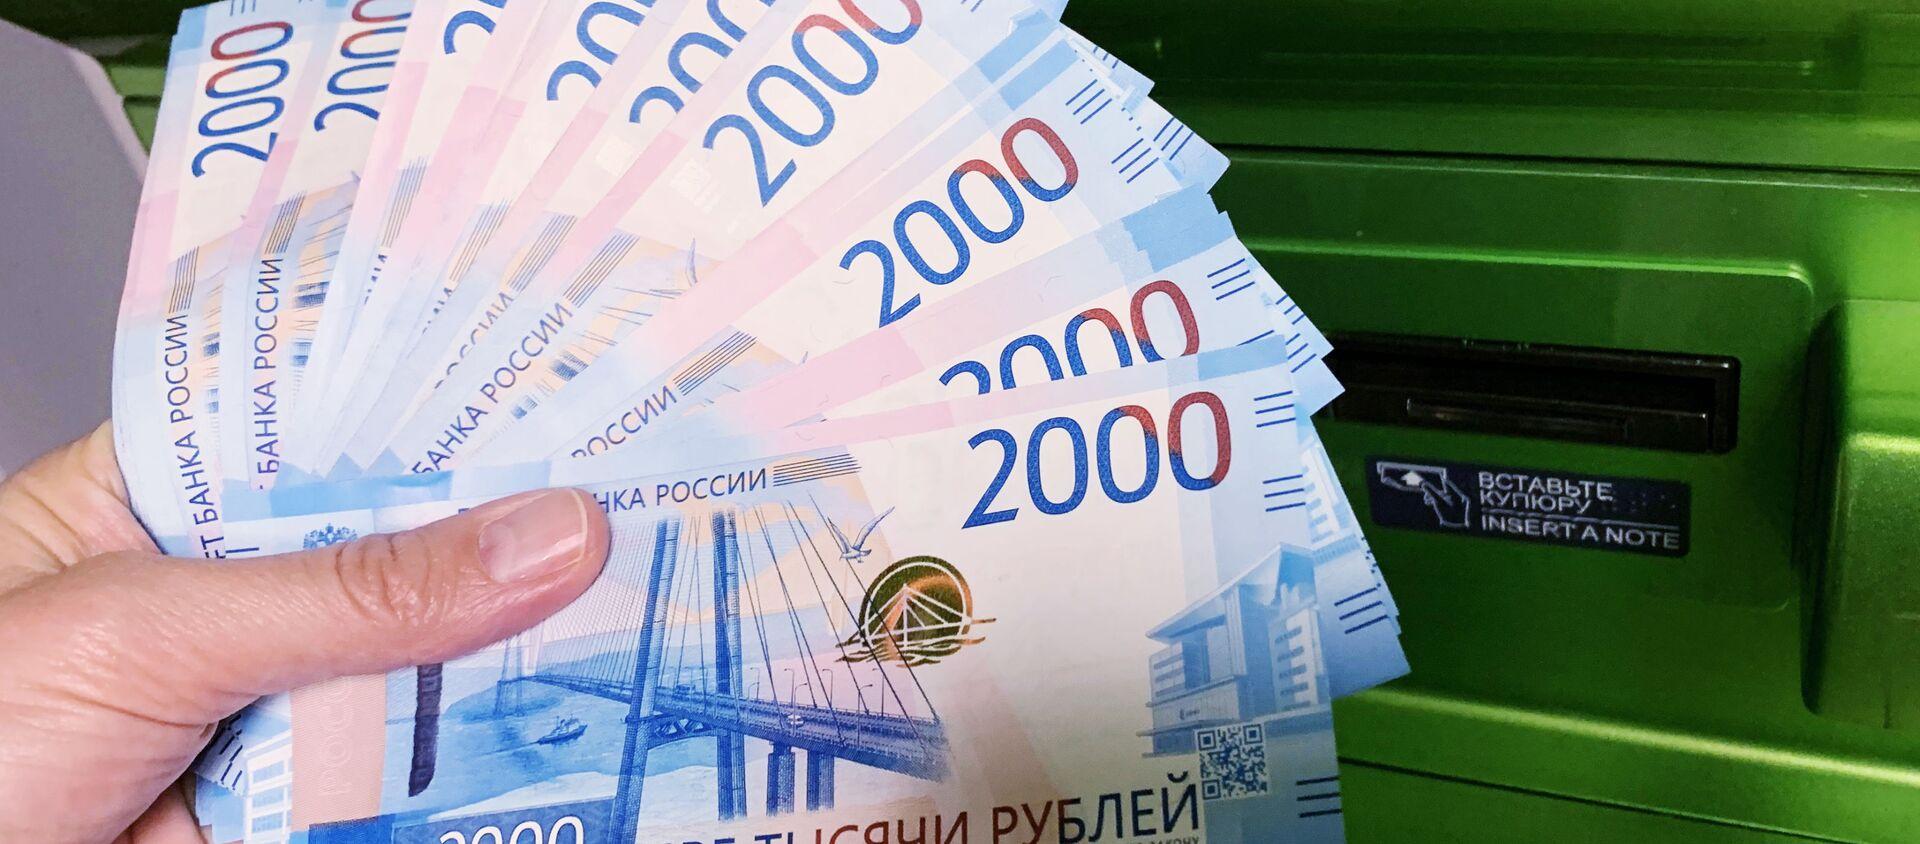 Клиент Сбербанка вносит наличные деньги в банкомат - Sputnik Таджикистан, 1920, 01.01.2021